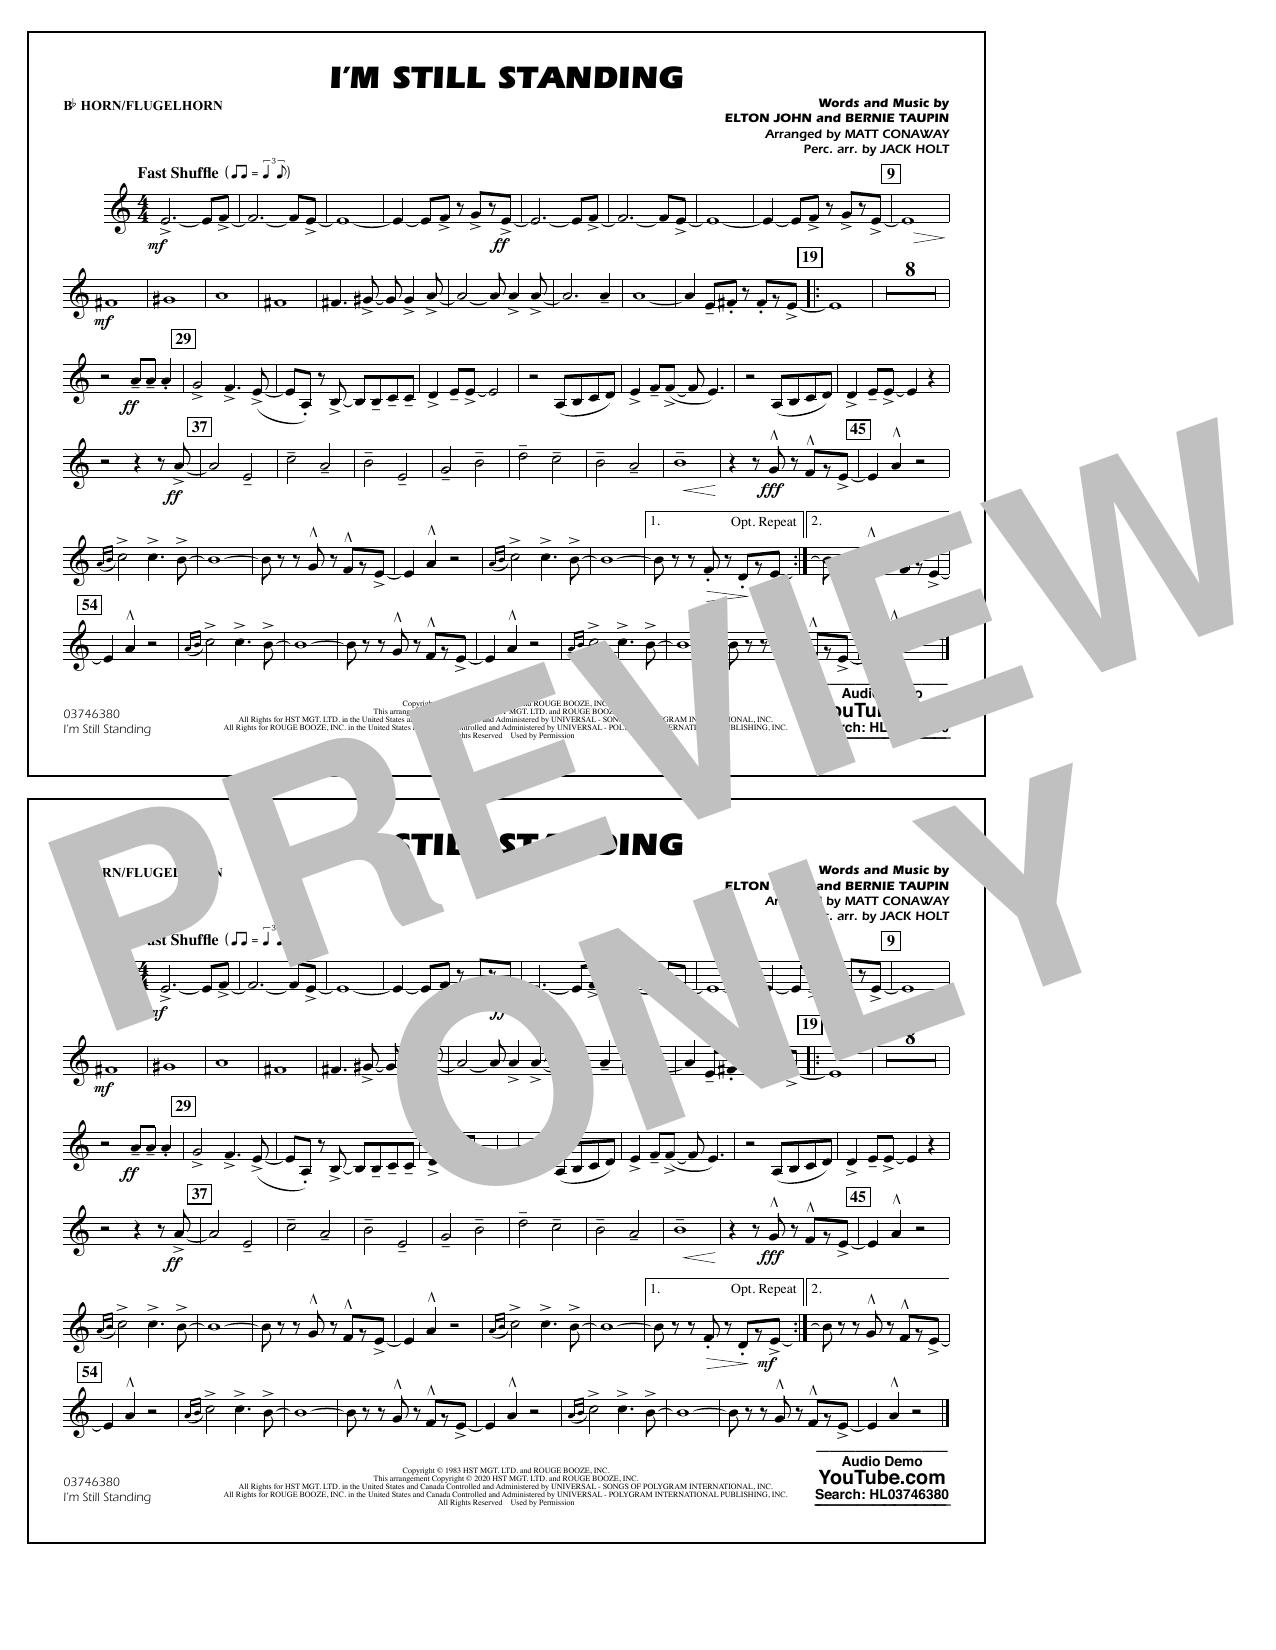 I'm Still Standing (arr. Matt Conaway and Jack Holt) - Bb Horn/Flugelhorn Sheet Music